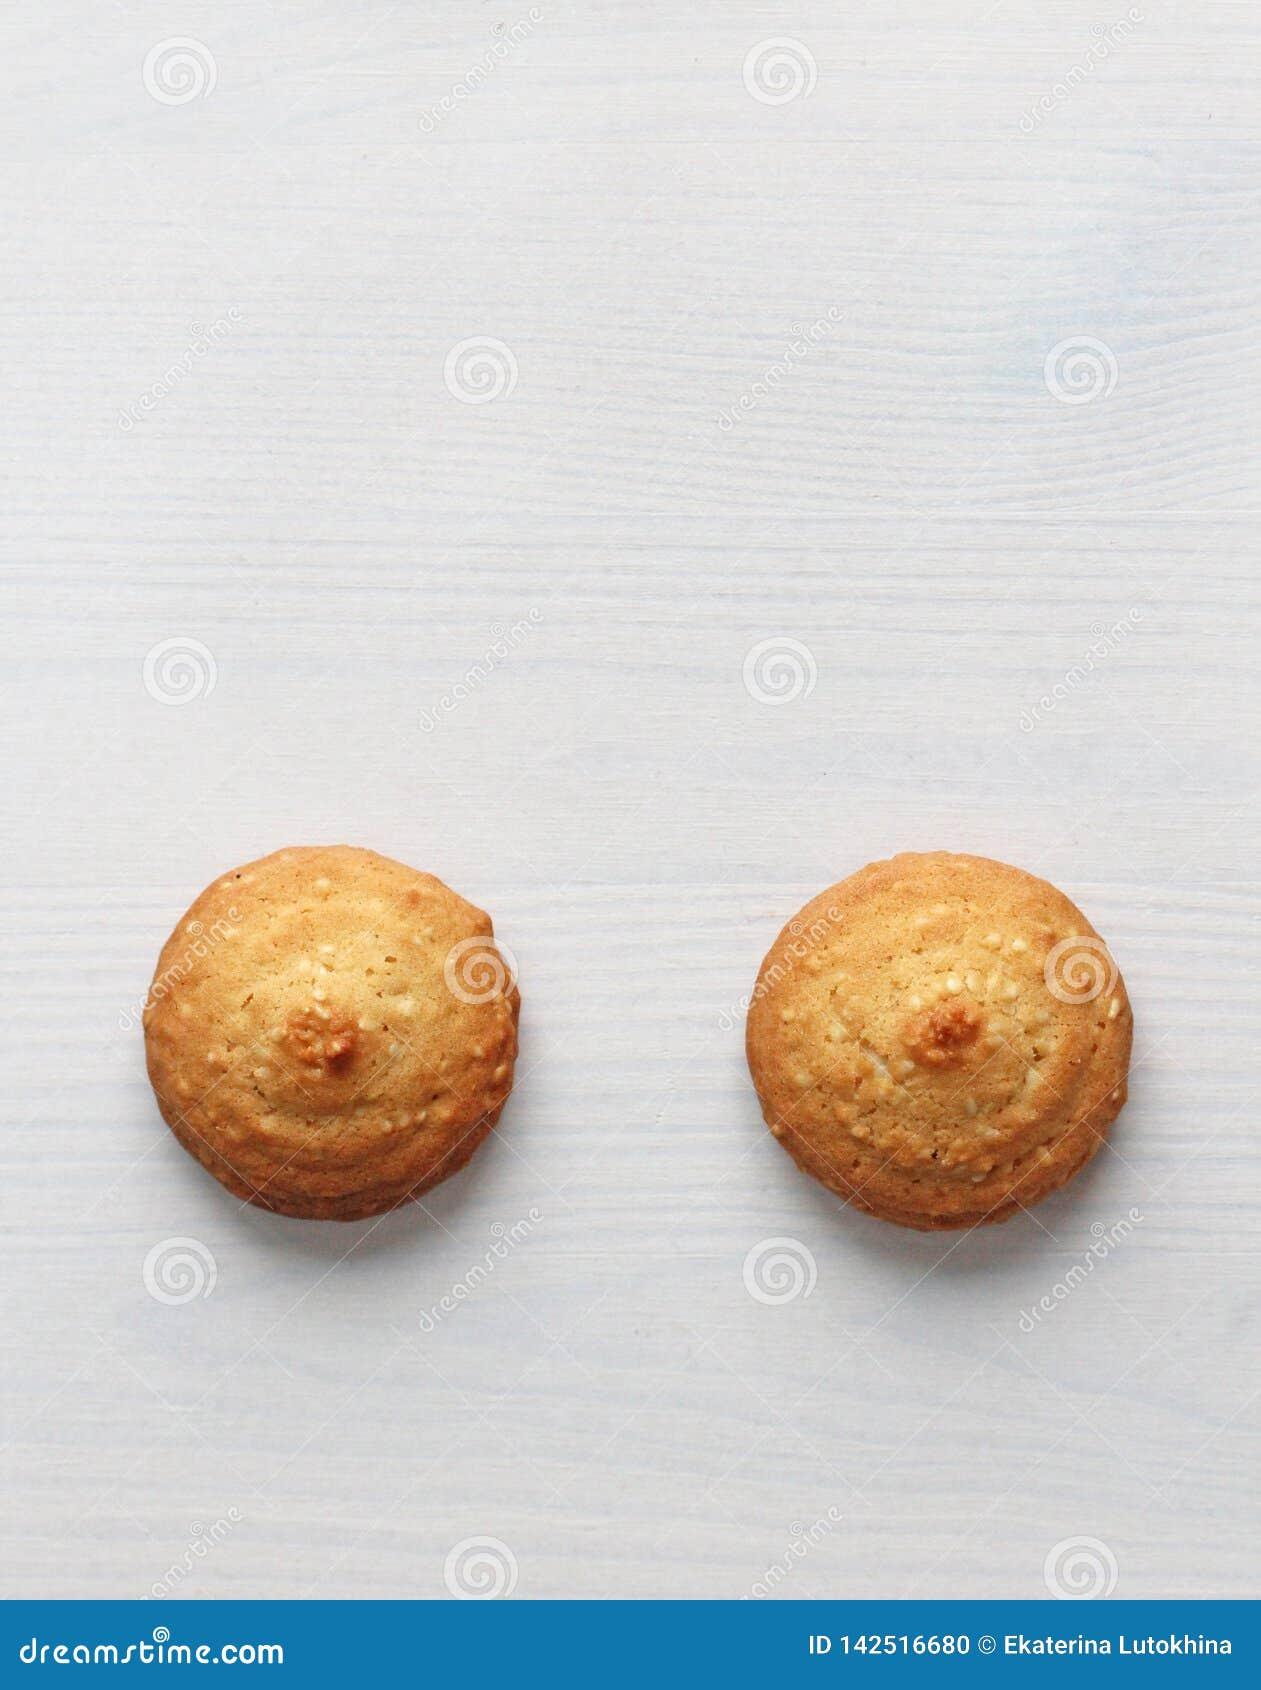 Biscotti su un fondo bianco, simile ai capezzoli femminili Capezzoli sexy sotto forma di biscotti Umore, doppio significato